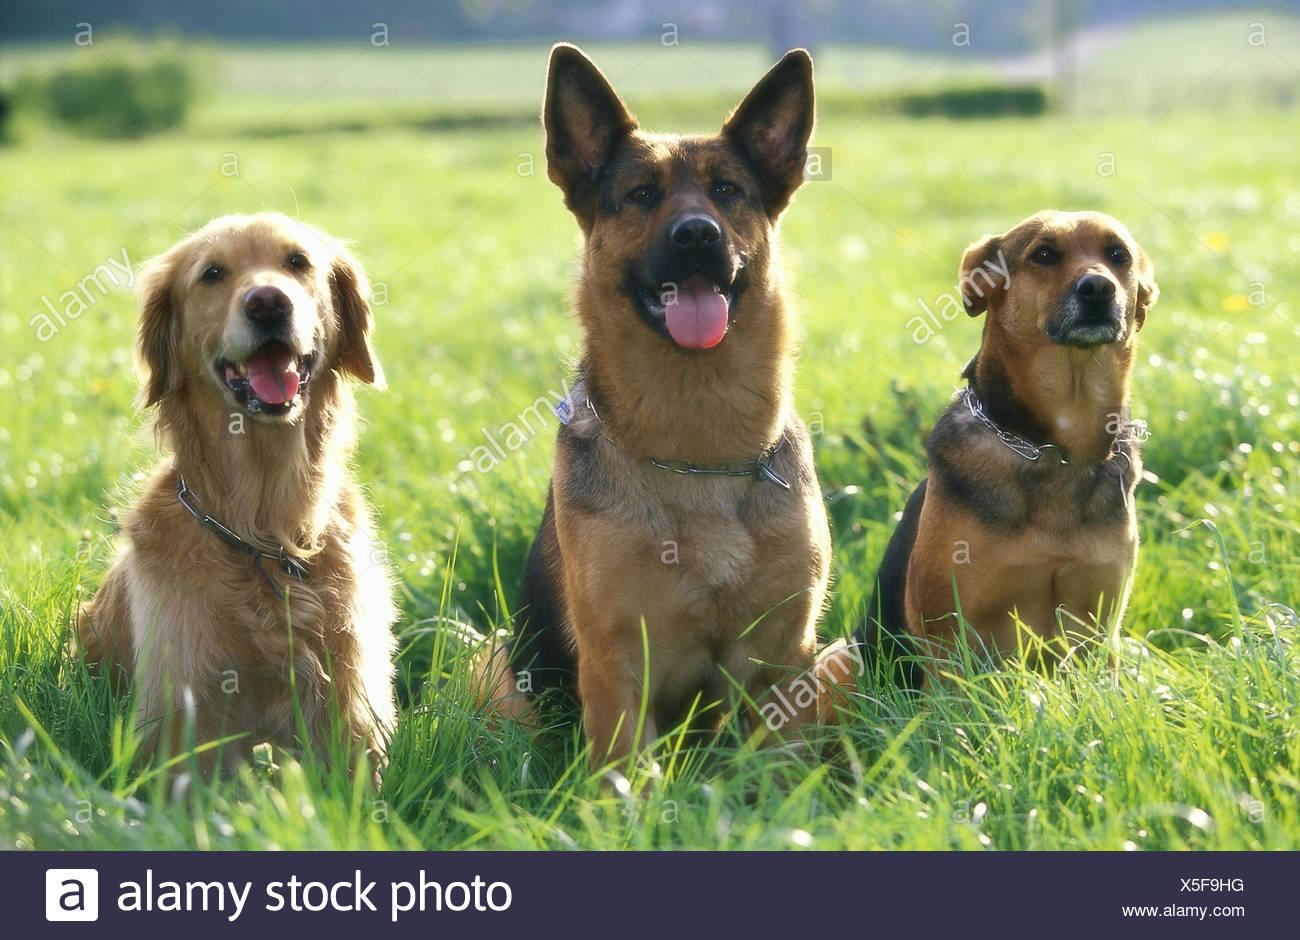 Animali Da Esterno prato, cani, razze diverse foto di gruppo, animali mammiferi